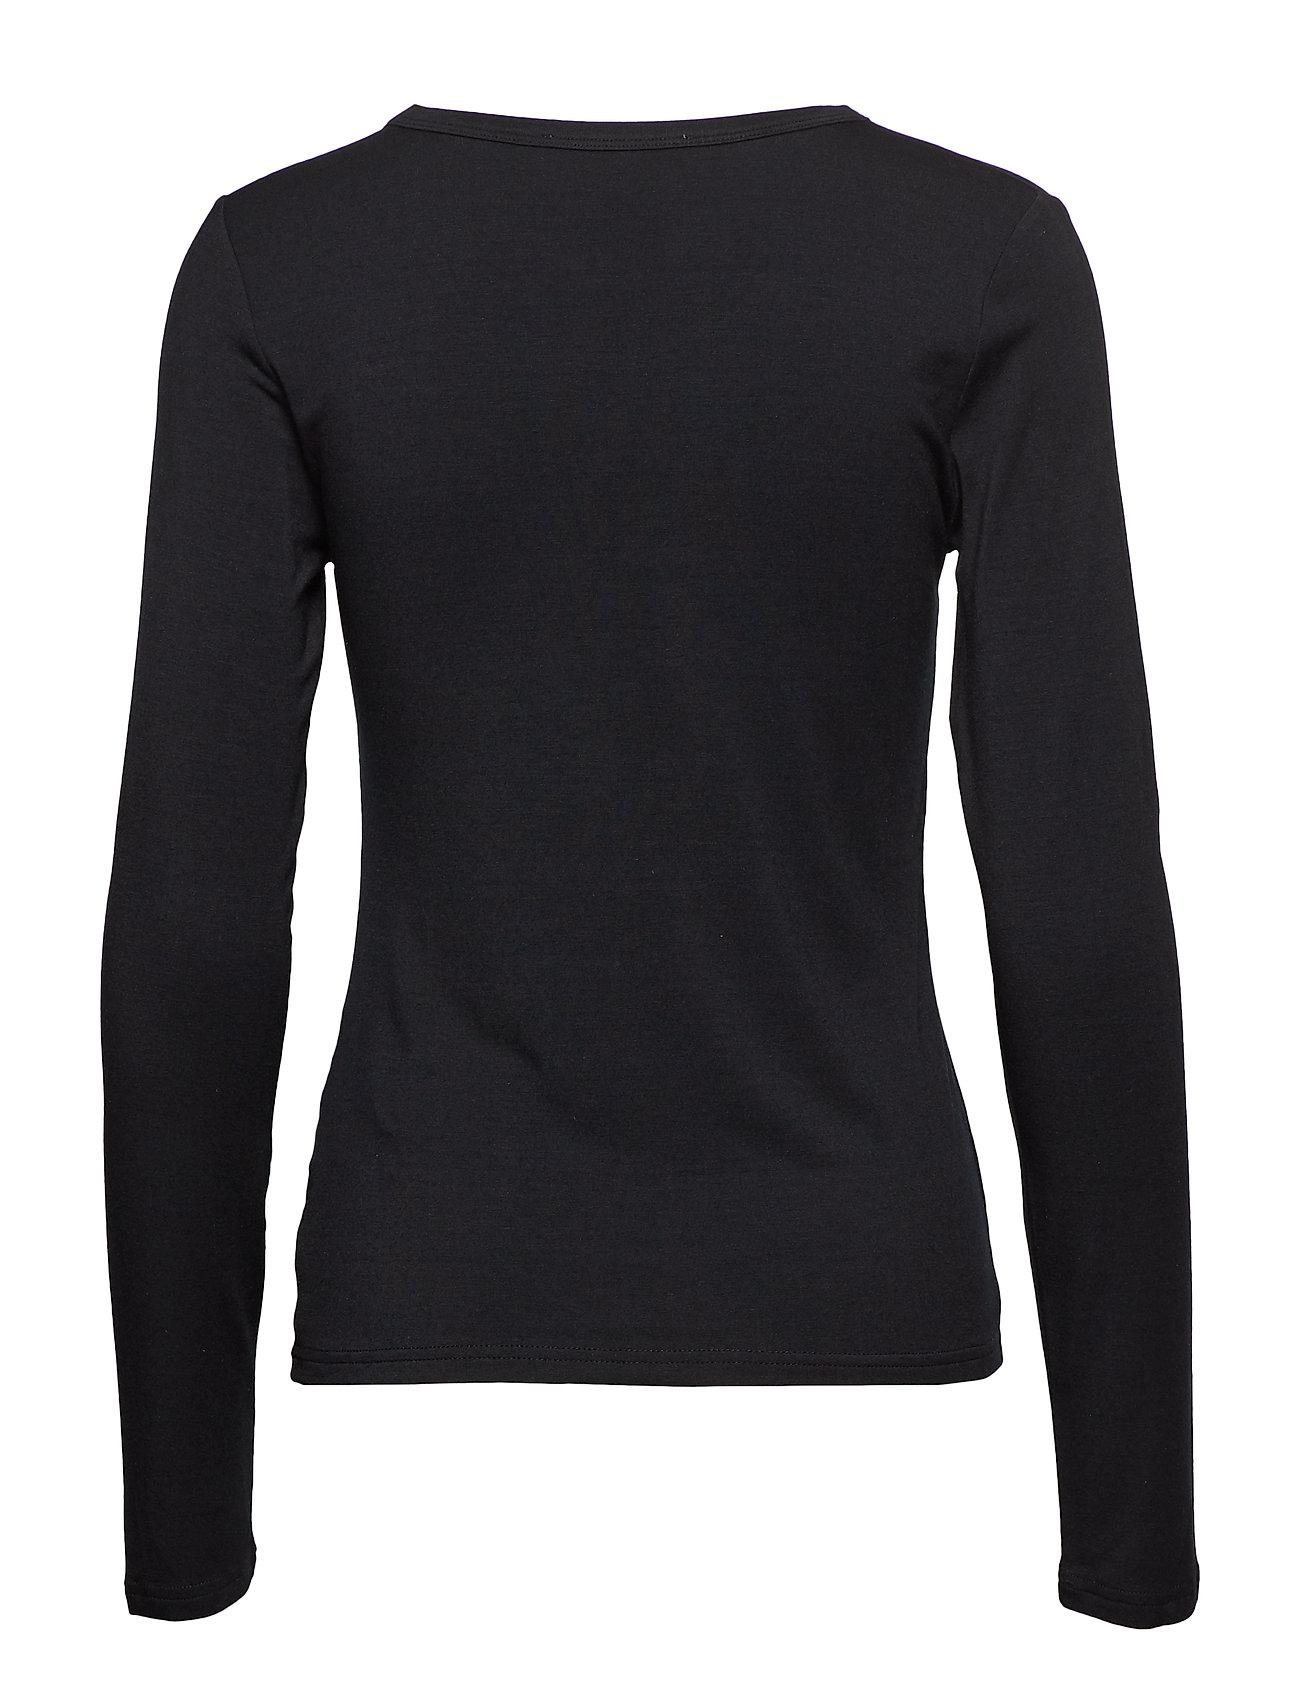 Hapalan Langærmet T shirt Sort TIGER OF SWEDEN